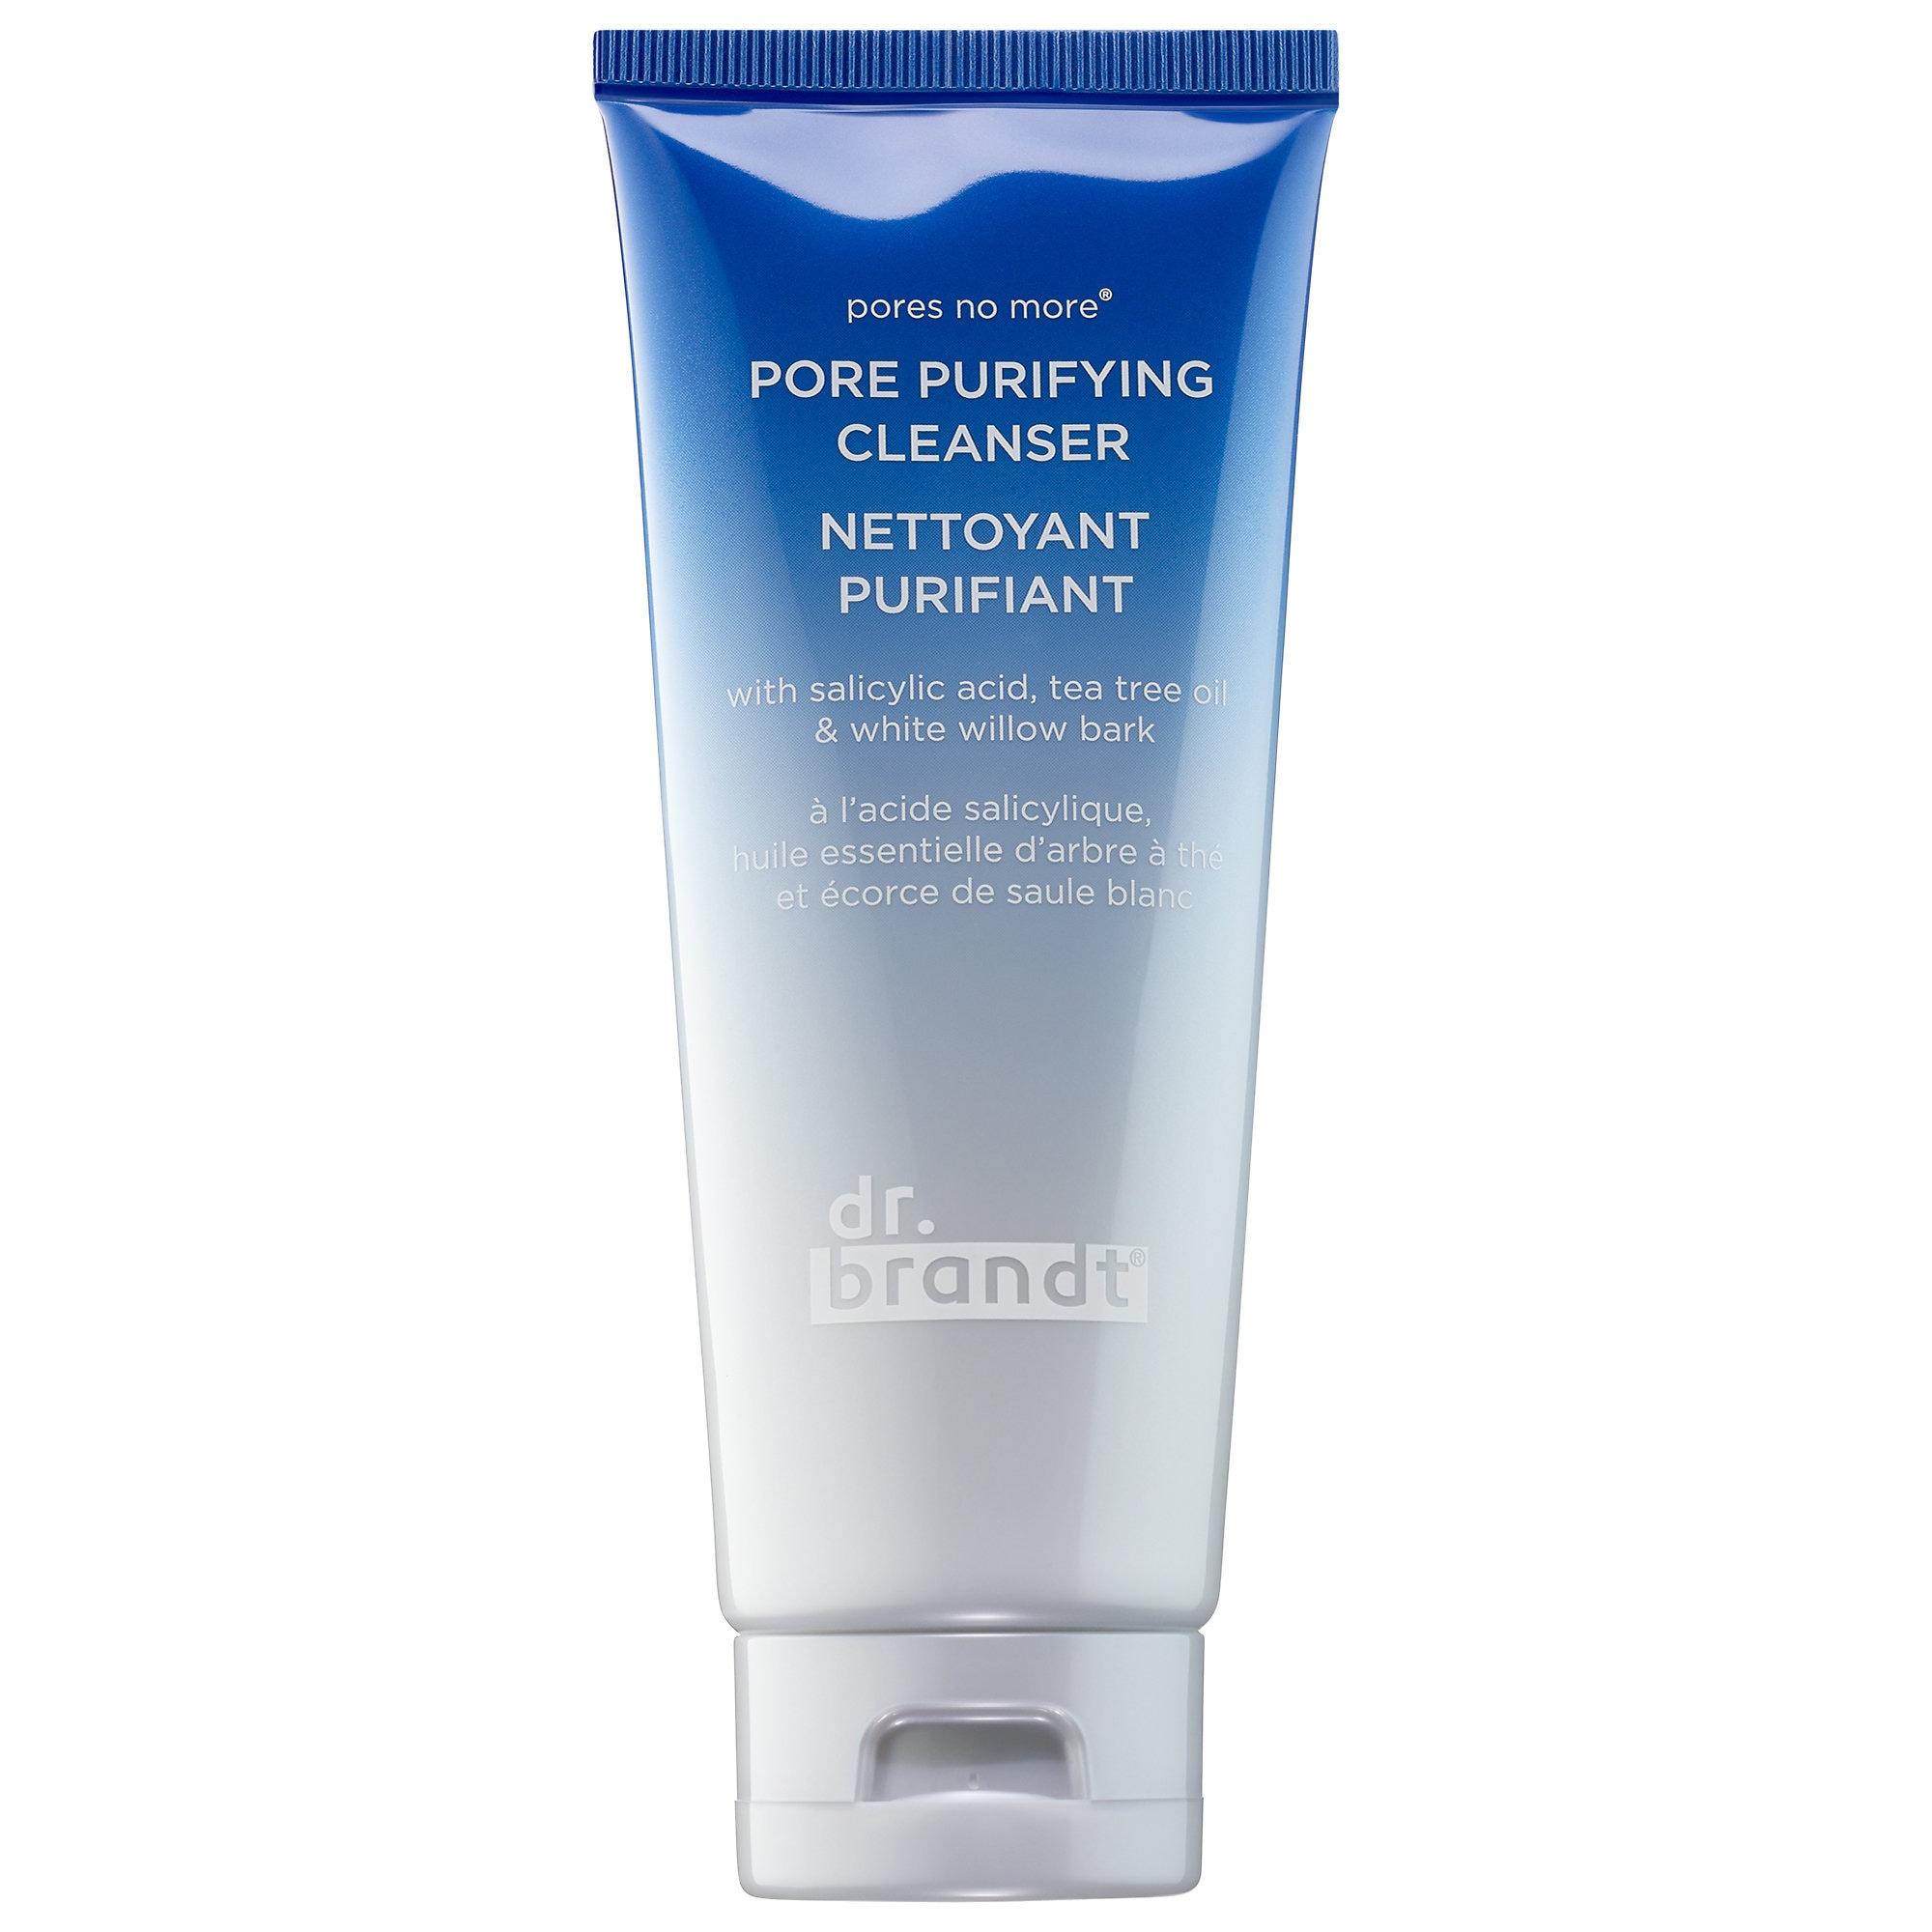 Dr. Brandt - pores no more® Pore Purifying Cleanser